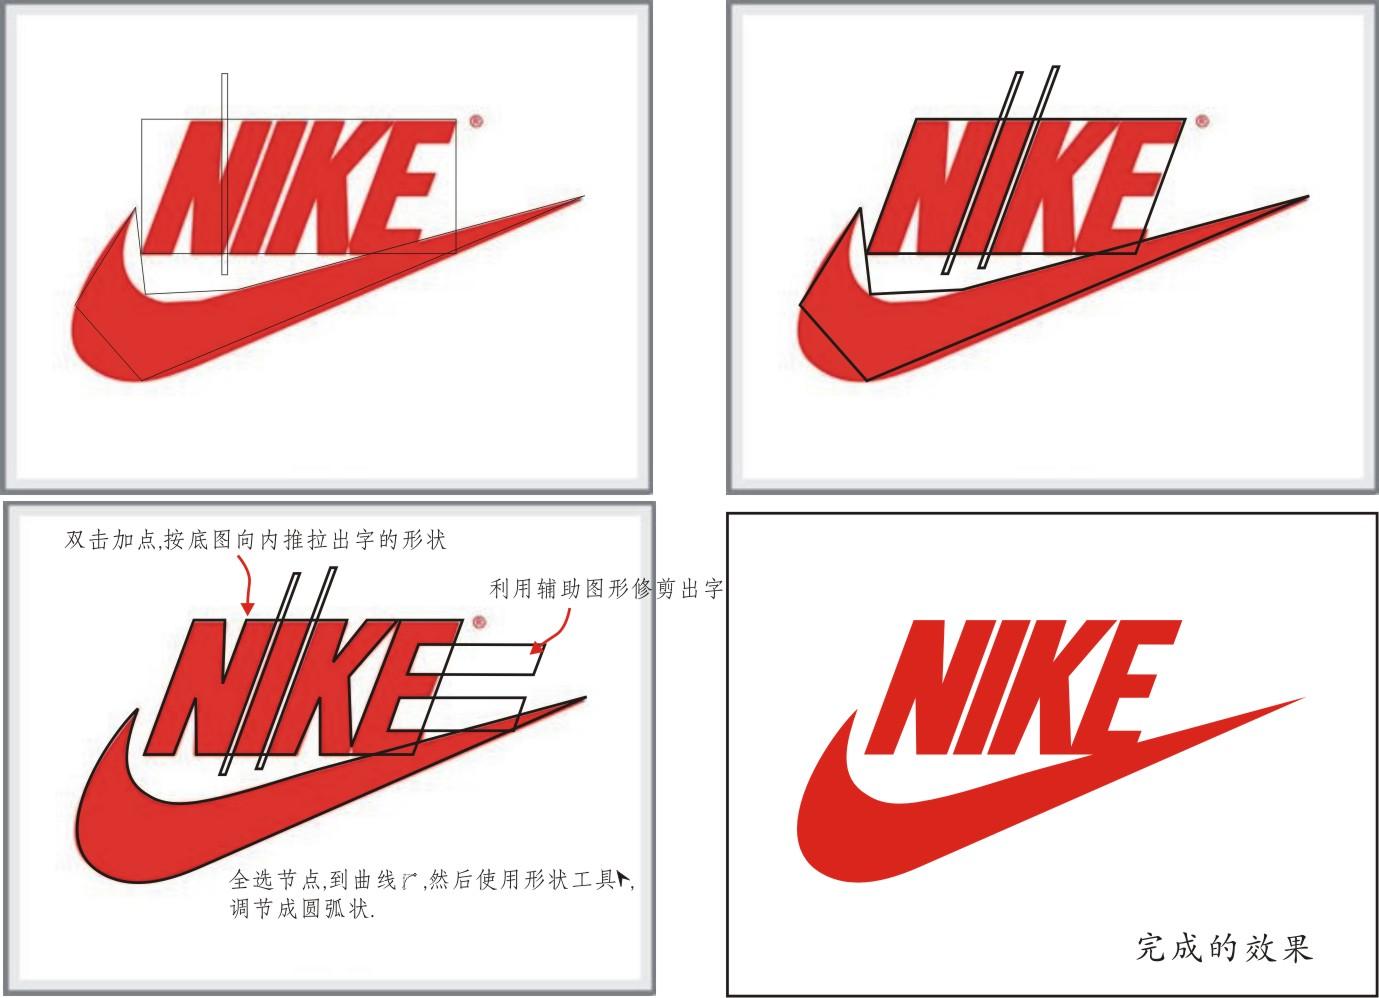 怎么用coreldraw软件制作耐克标志nike标志设计图片